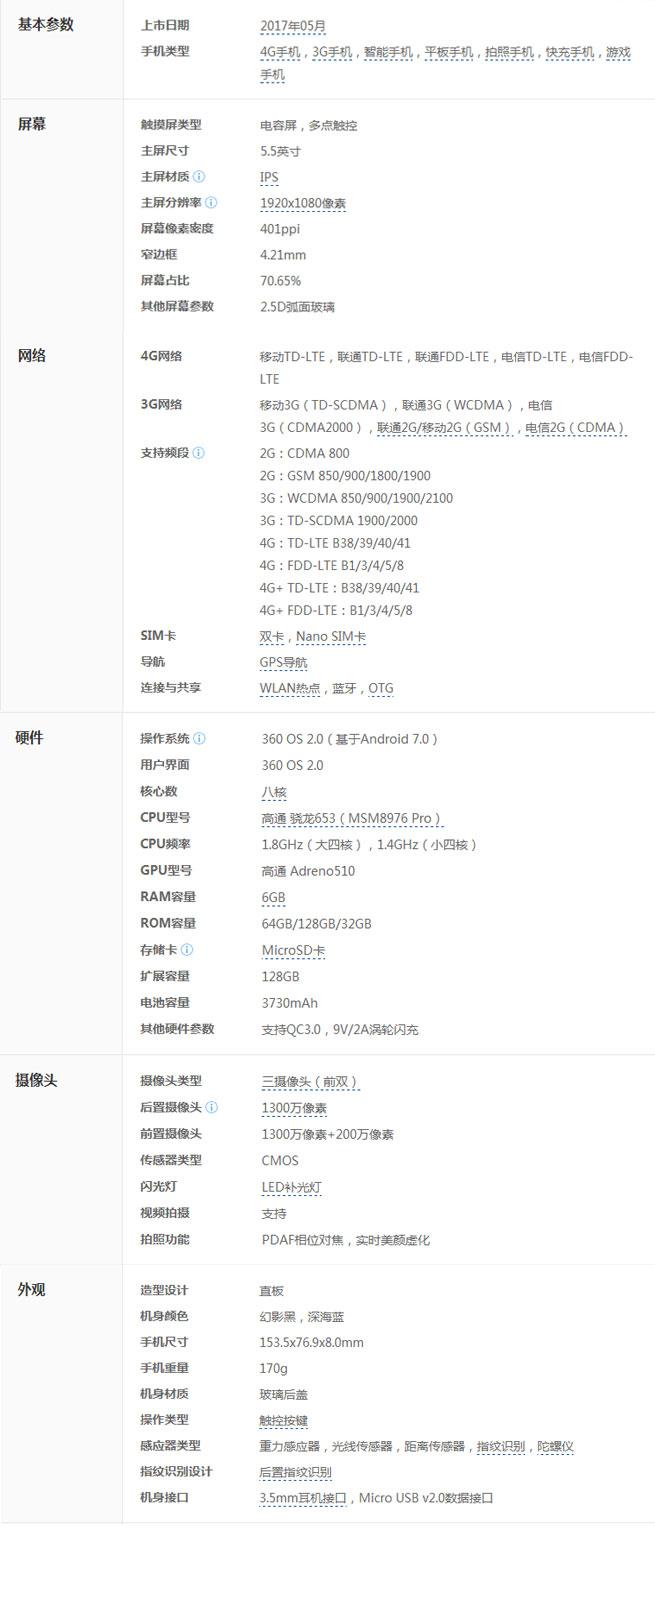 【360N5s】发布会_360N5s手机评测_刷机手机参数